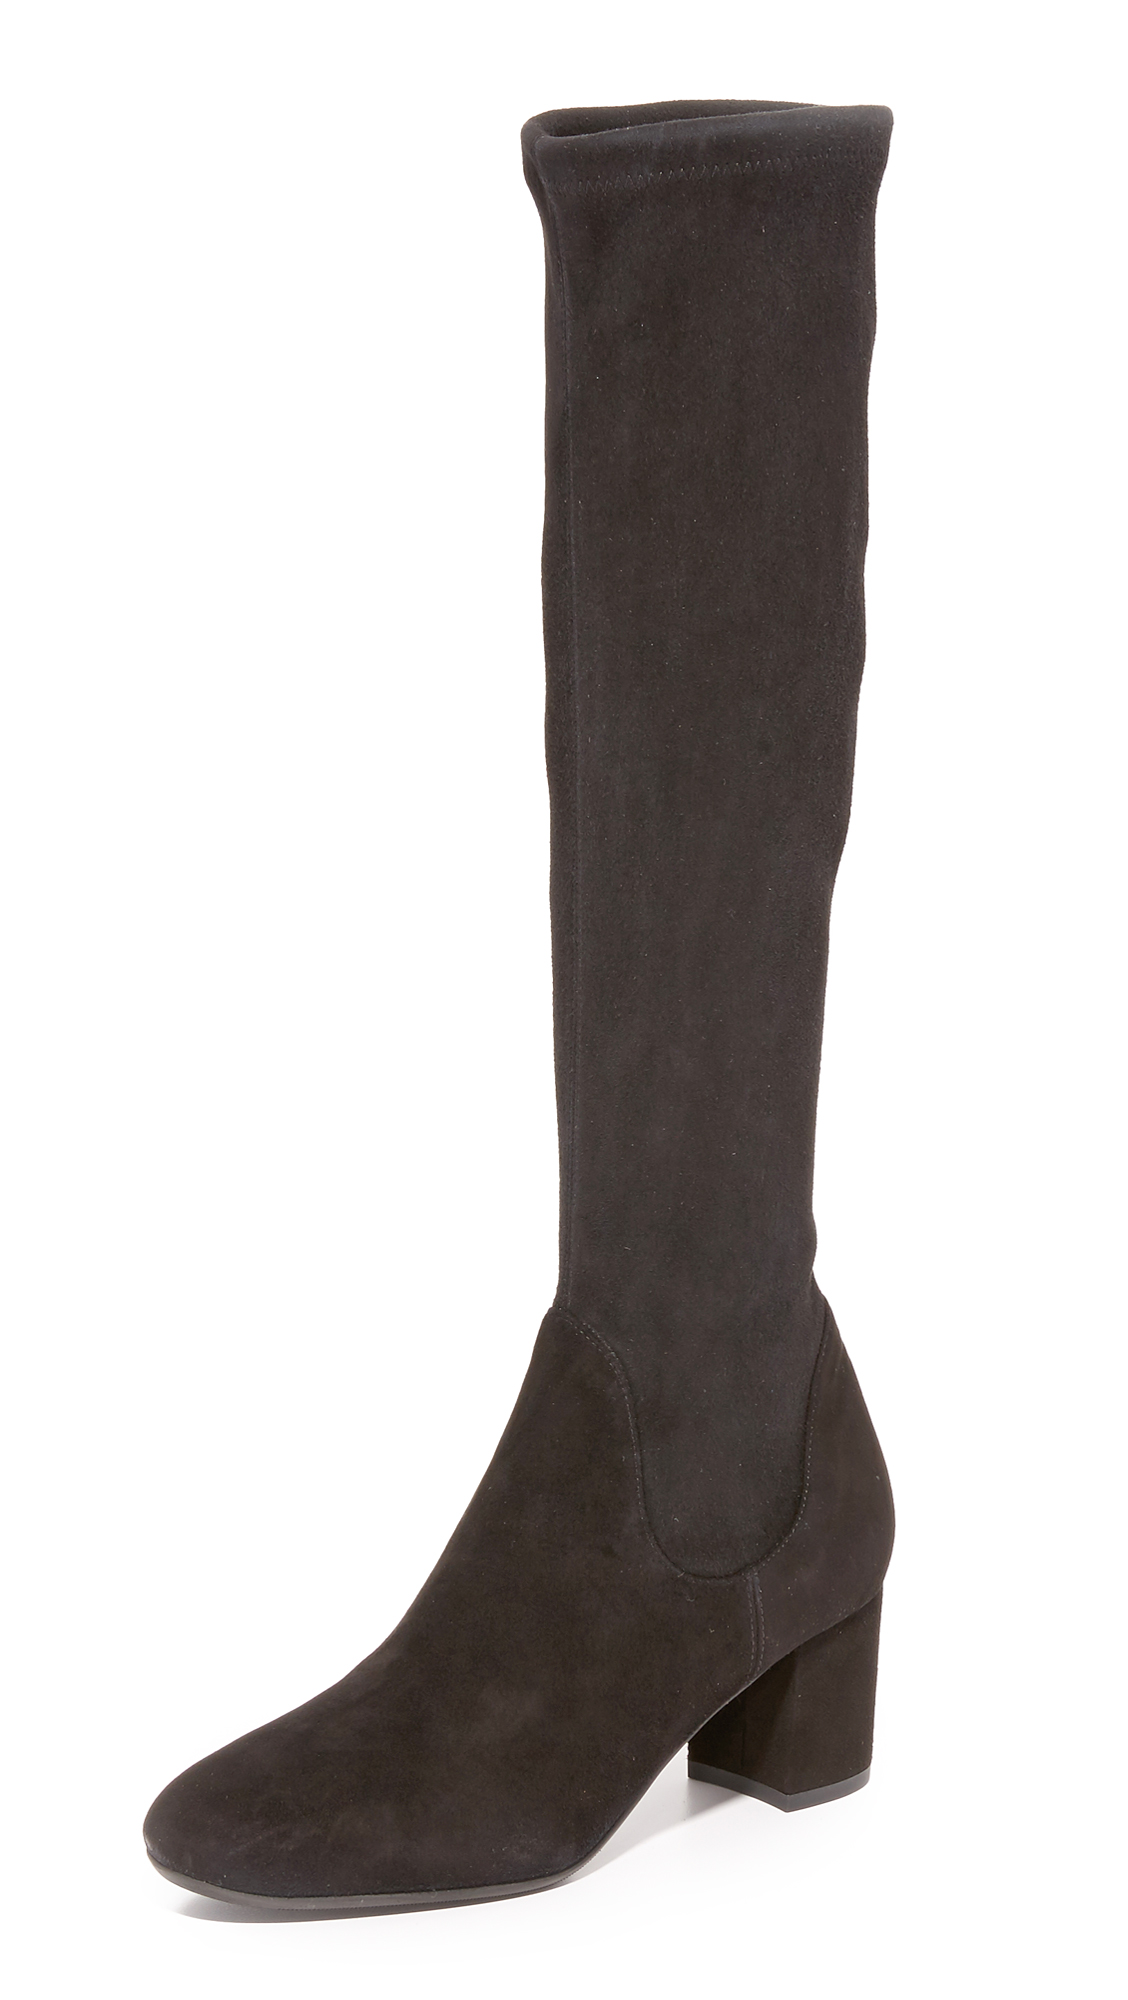 L.K. Bennett Keri Tall Boots - Black